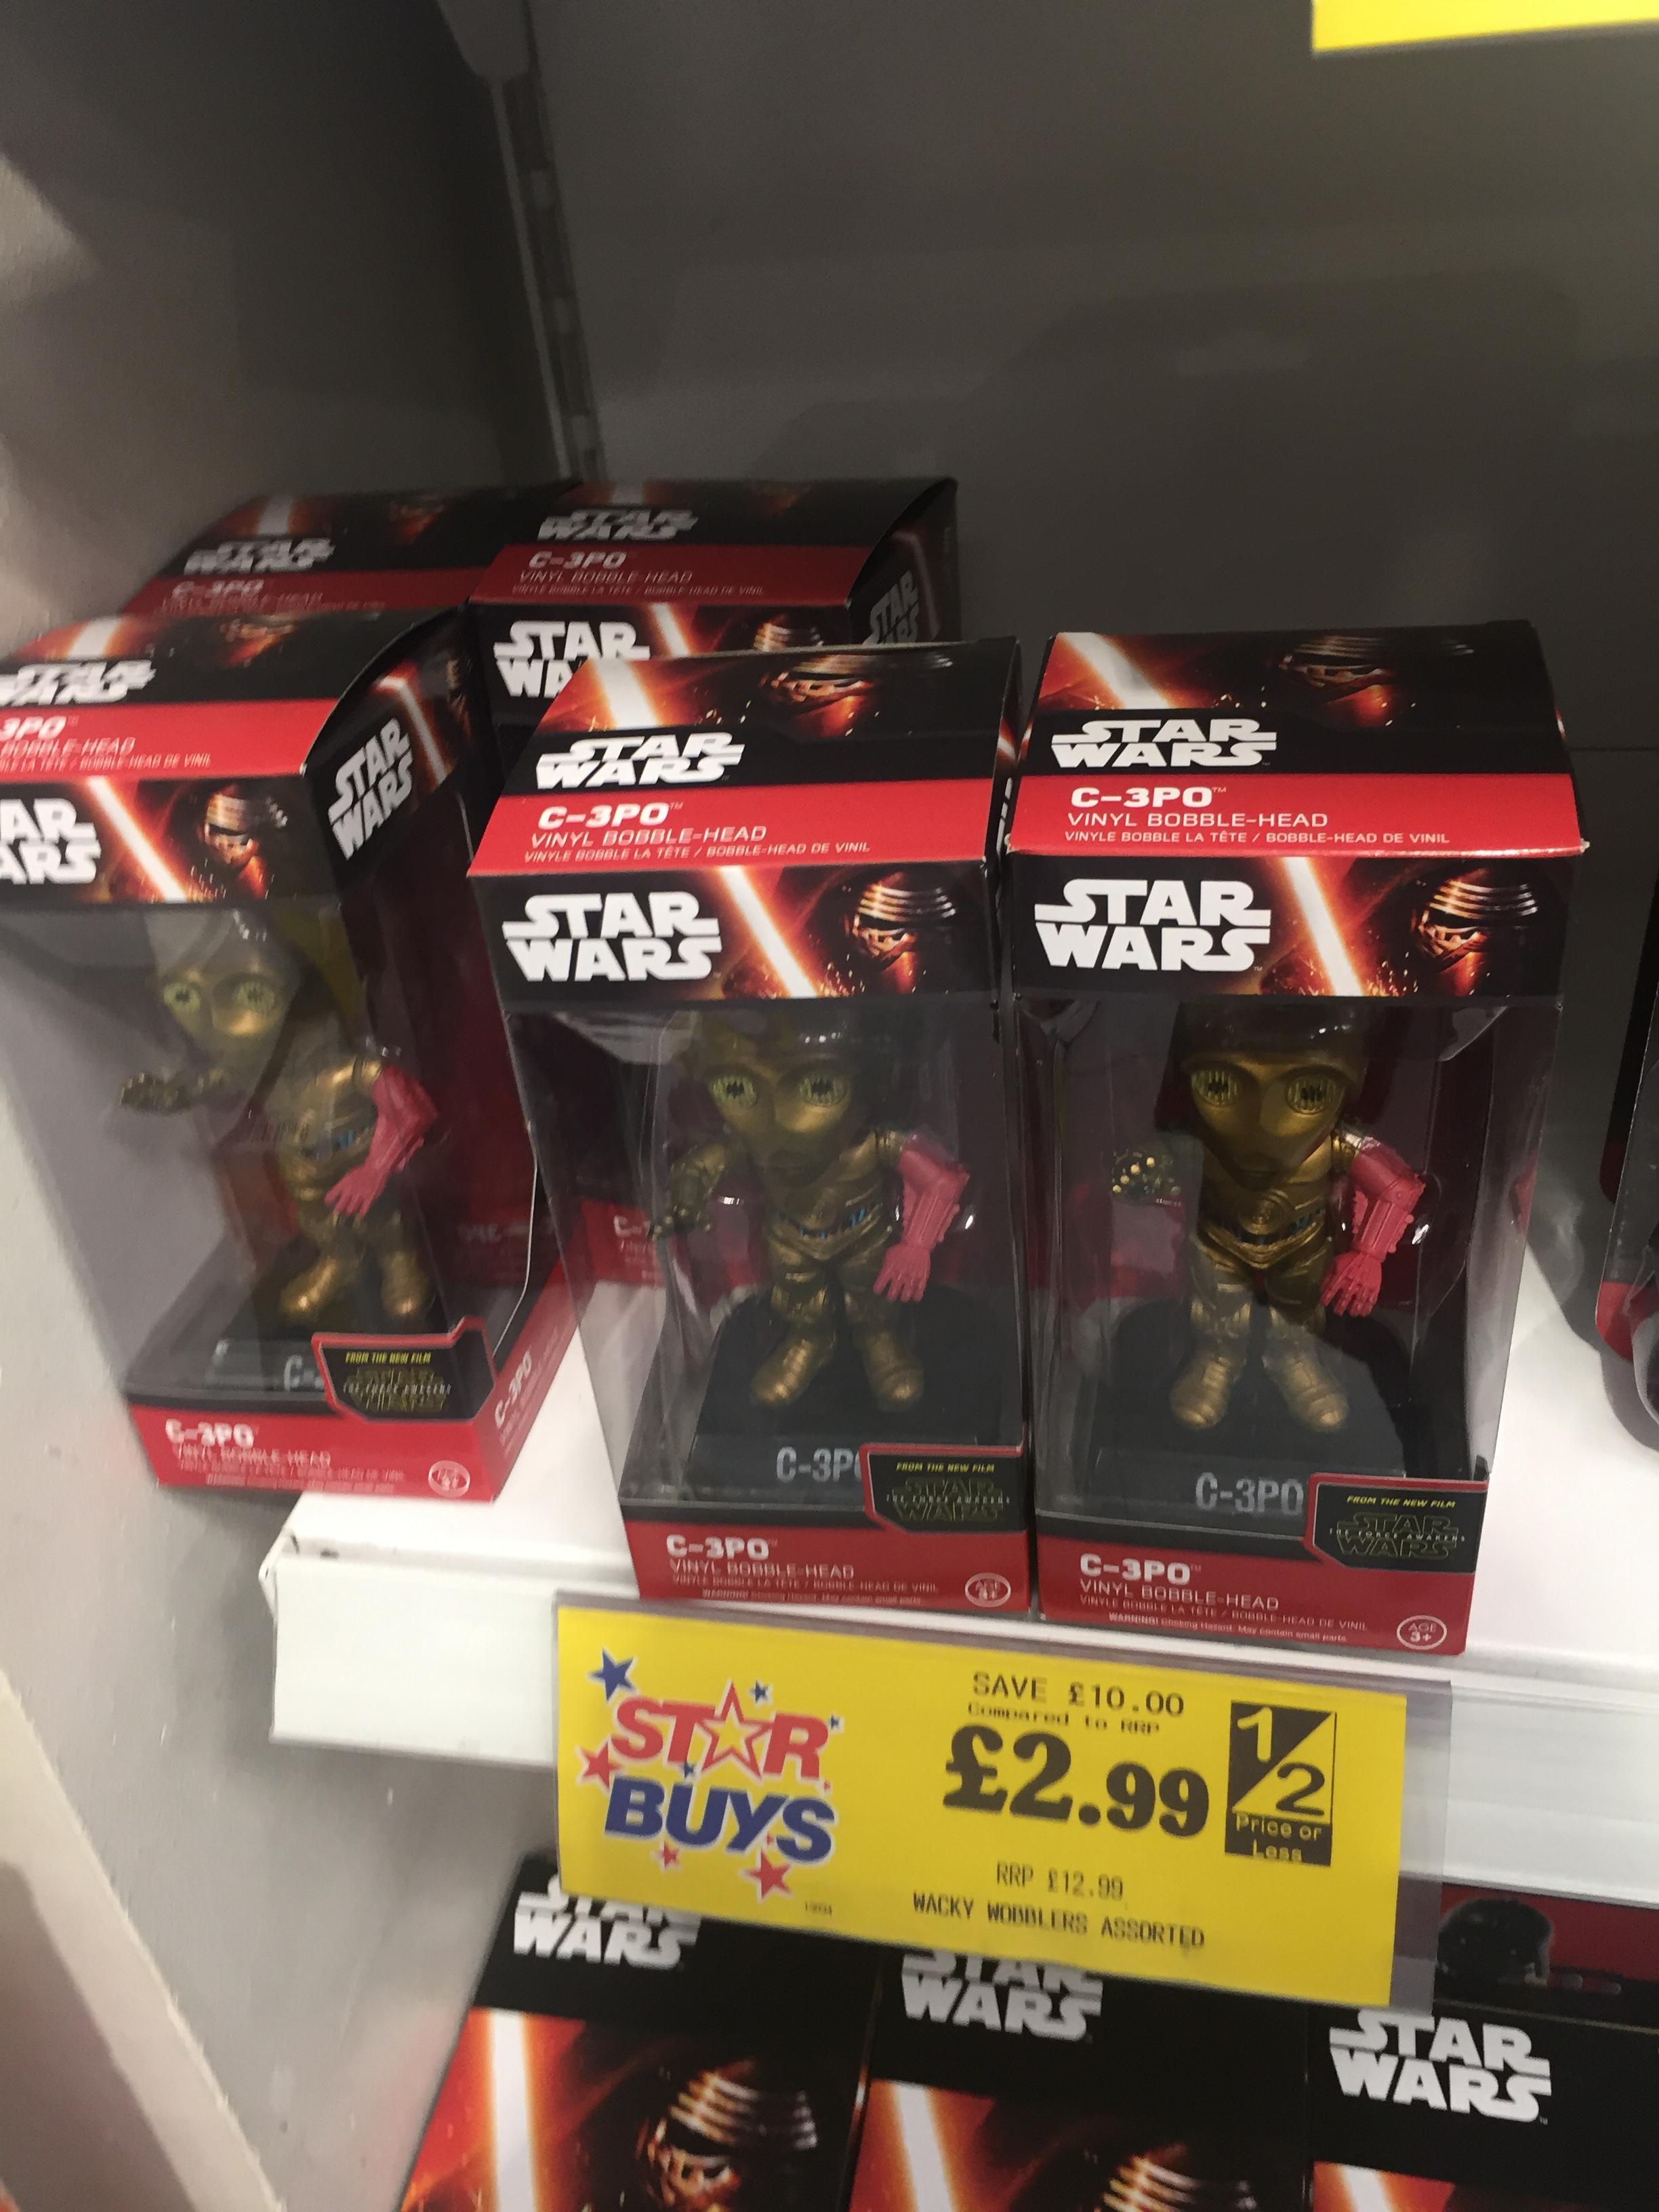 STARWARS C3PO VINYL BOBBLE HEAD only £2.99 @ Home Bargains